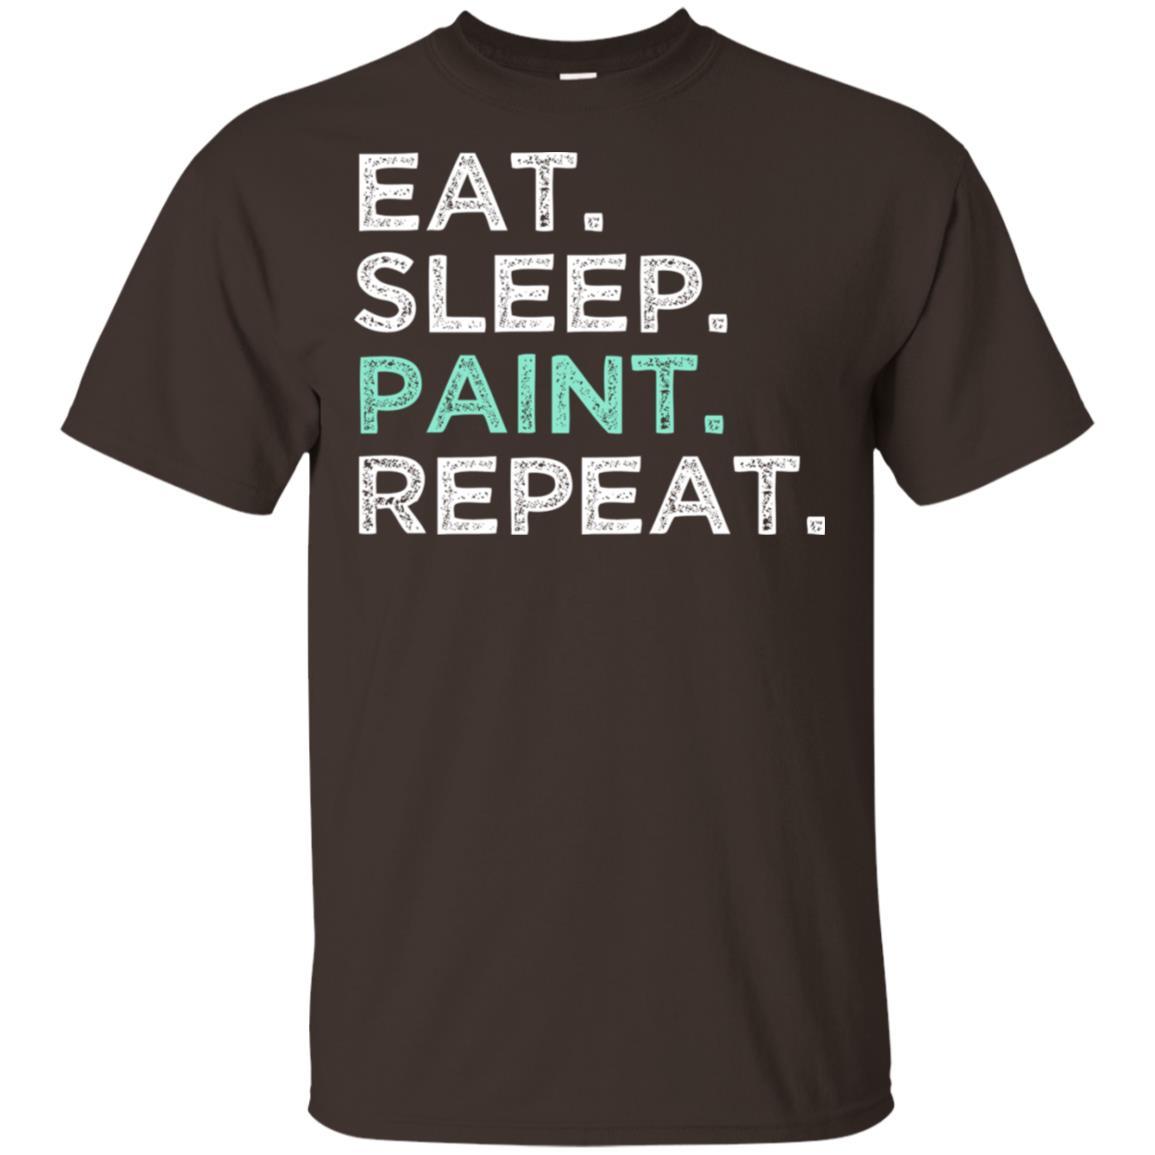 Eat Sleep Paint Repeat. Art Student Unisex Short Sleeve